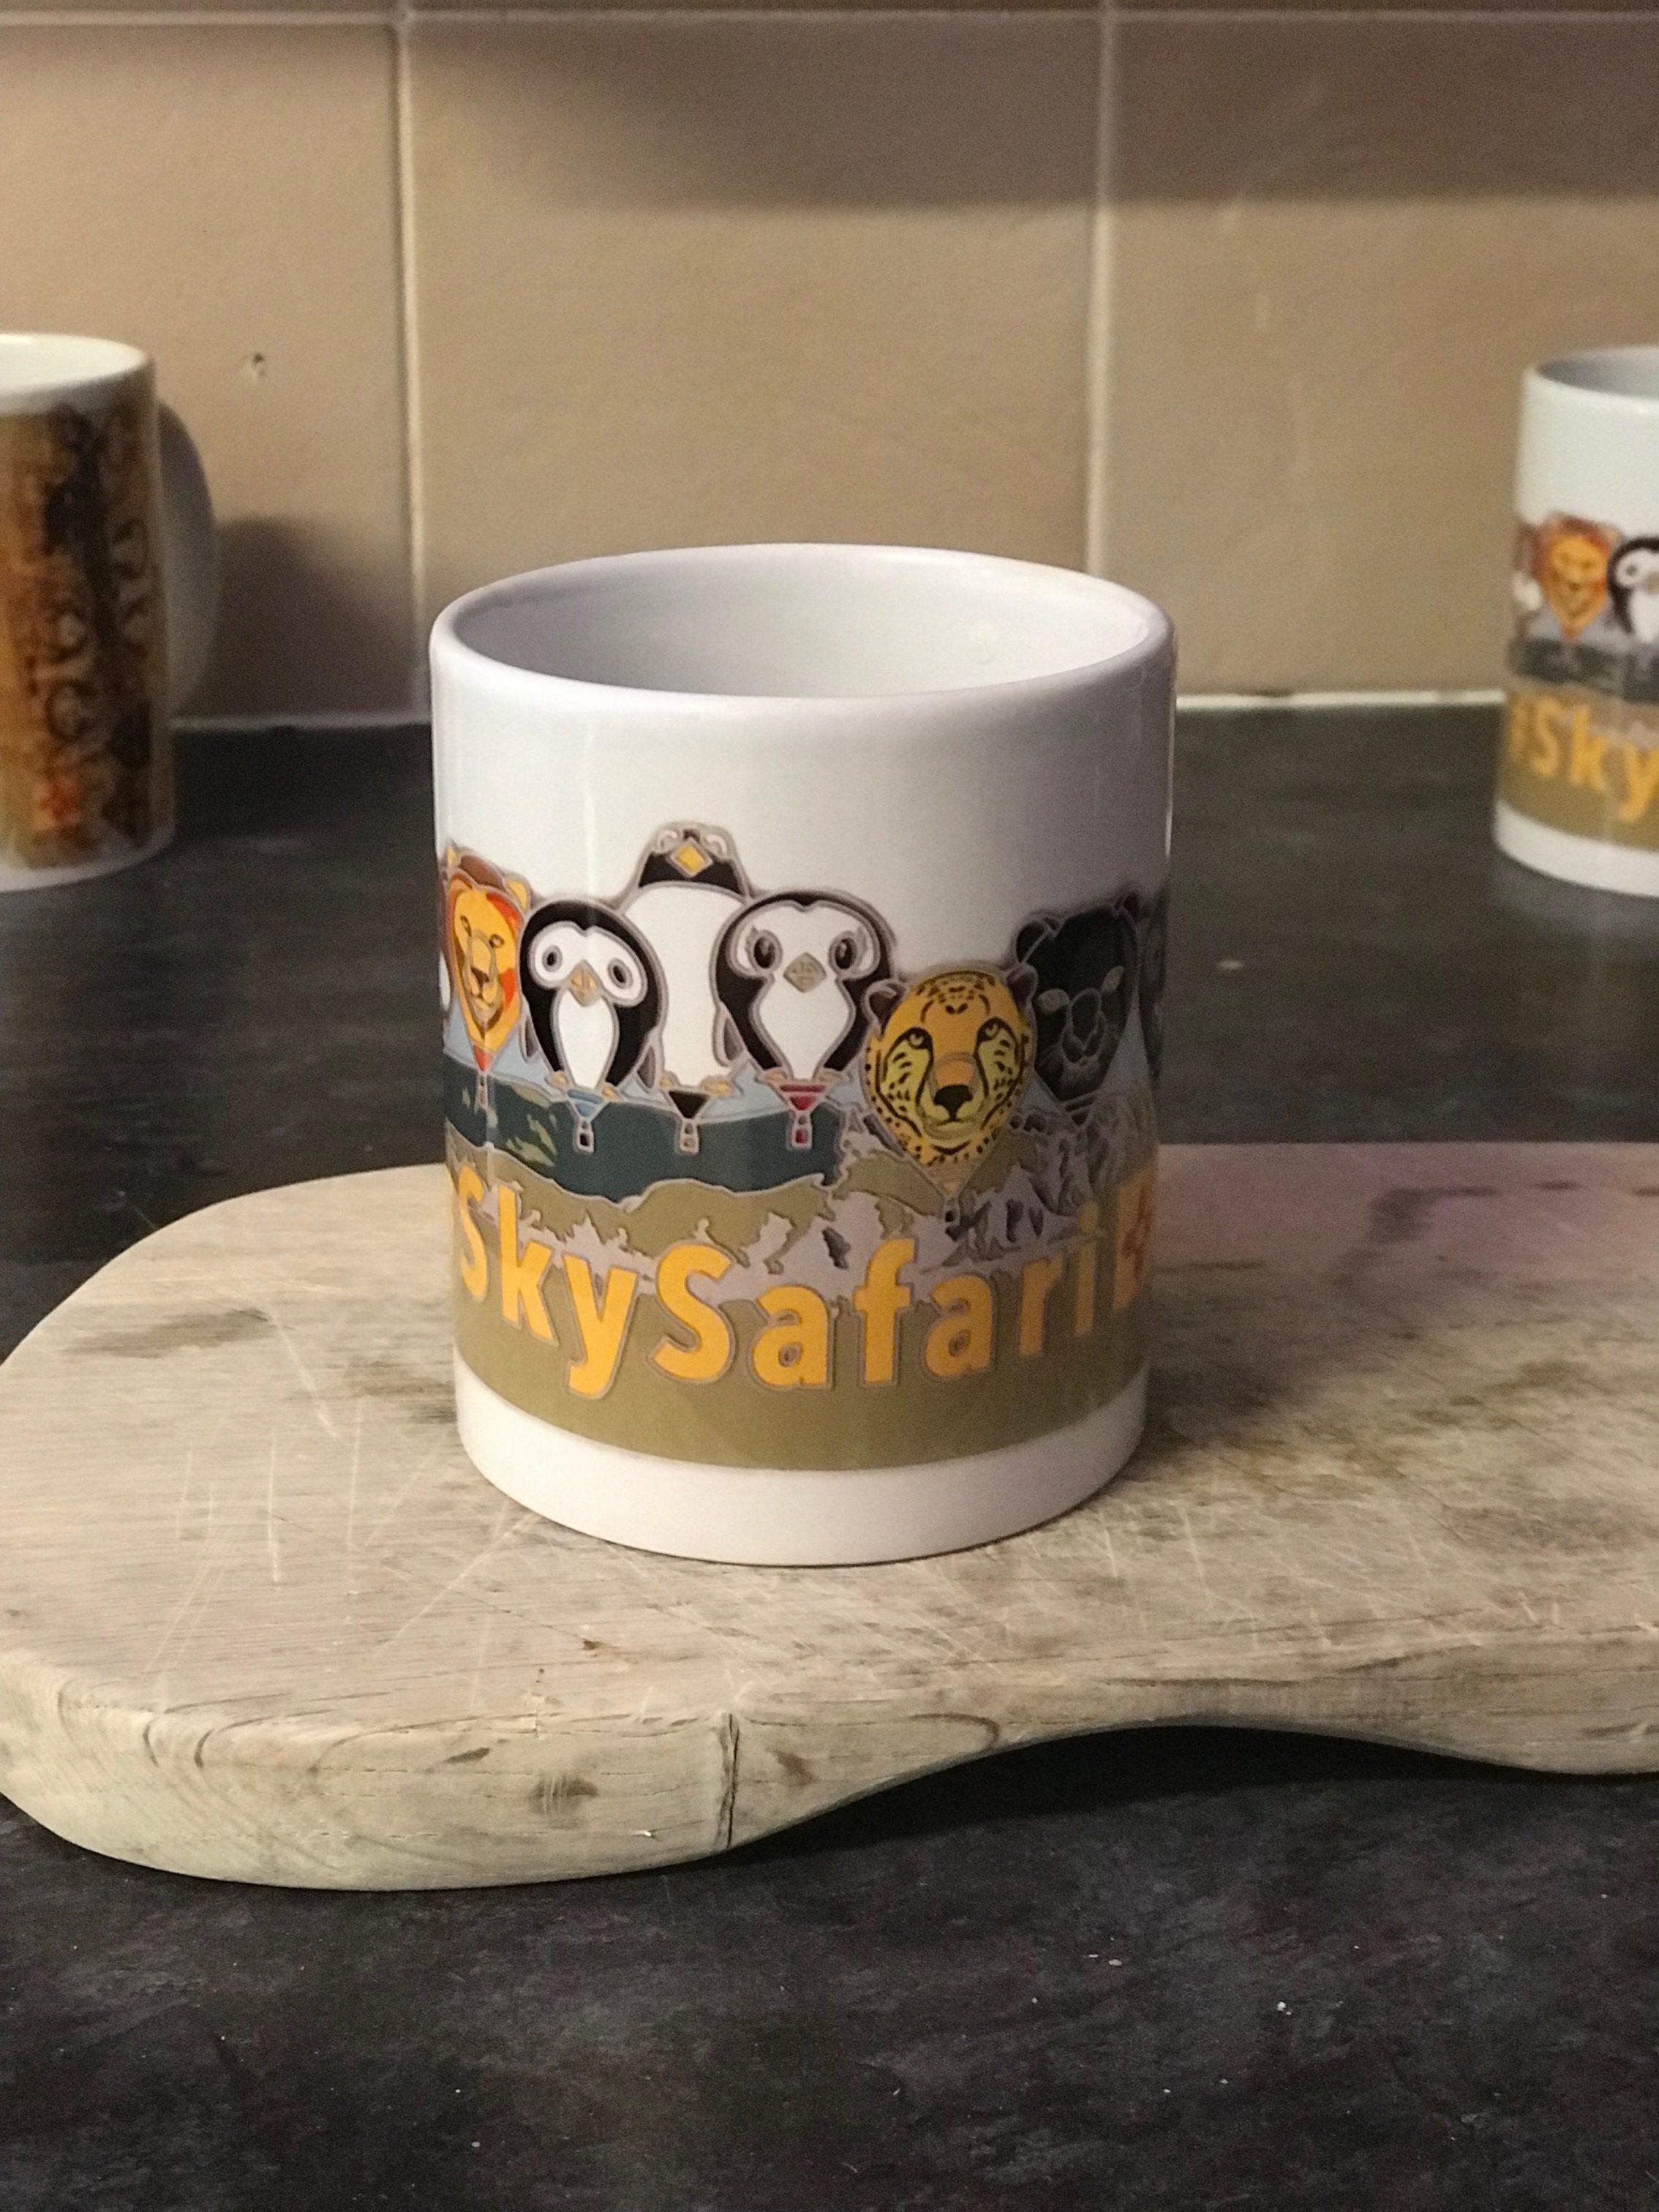 Albuquerque 2019 SkySafari® Official Mug